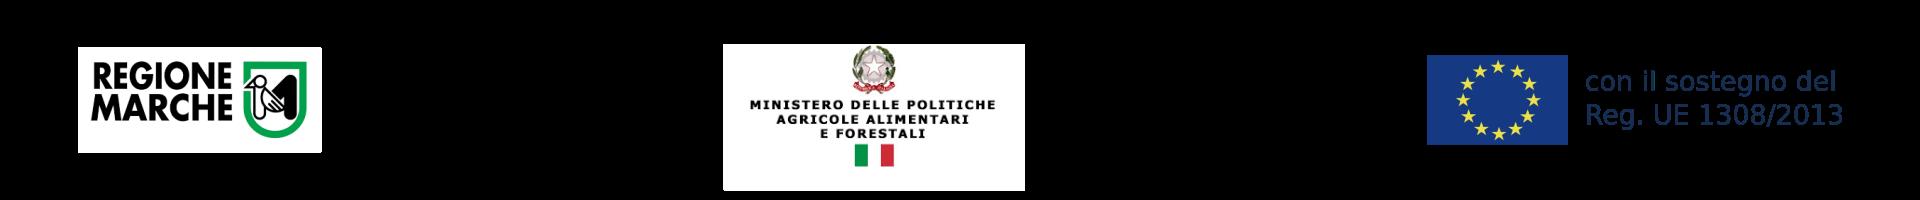 Loghi regione Marche, Ministero Politiche Agricole, UnioneEuropea con il sostegno del Reg. UE 1308/2013